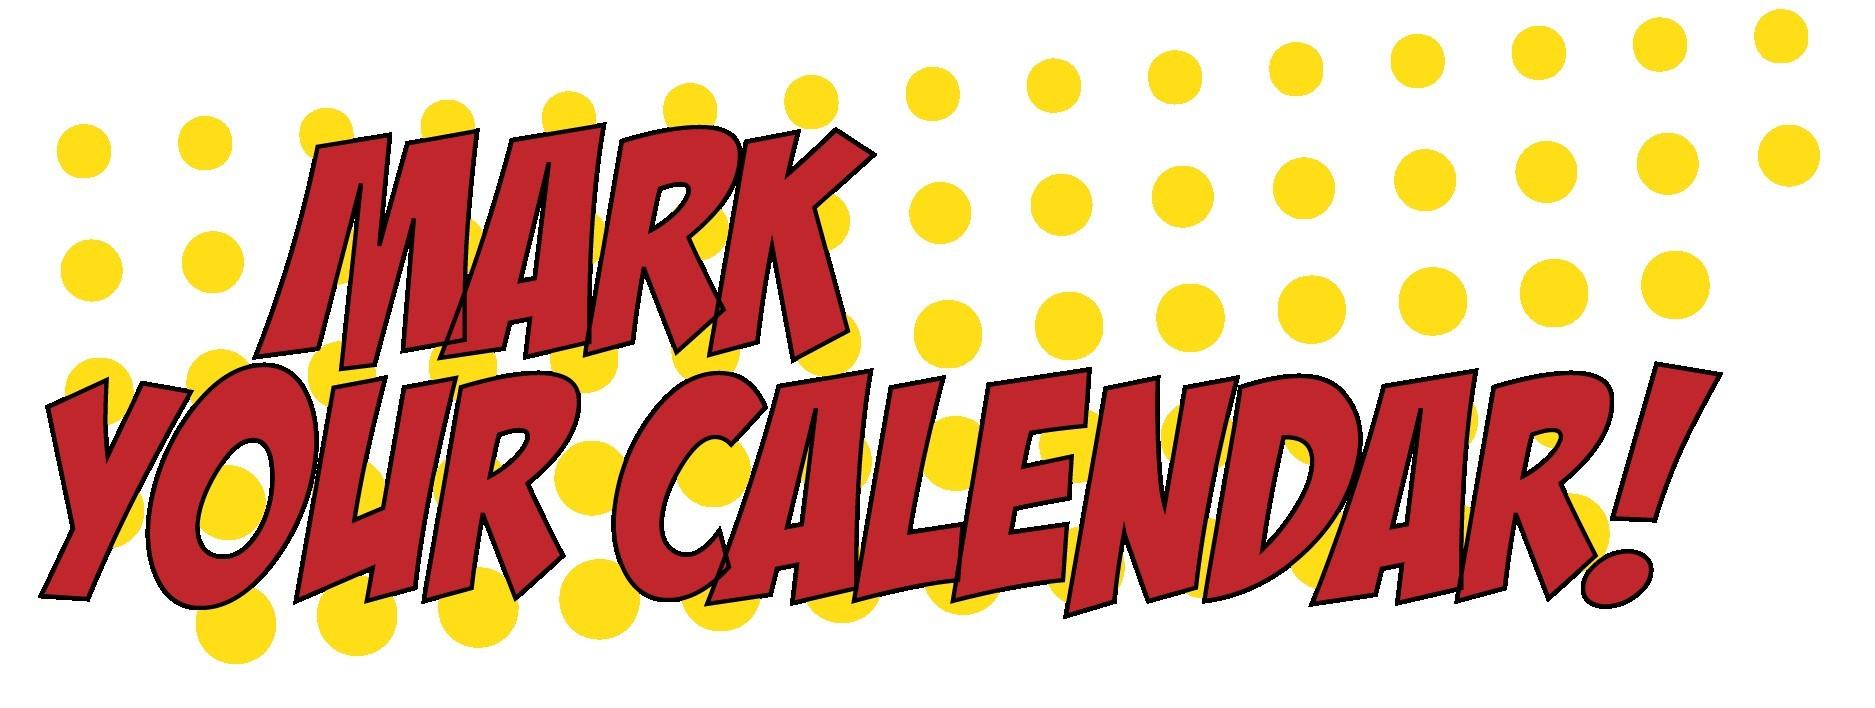 Mark Your Clipart Calendar Clipart 9 15 Mark Your Calendar Clipart.